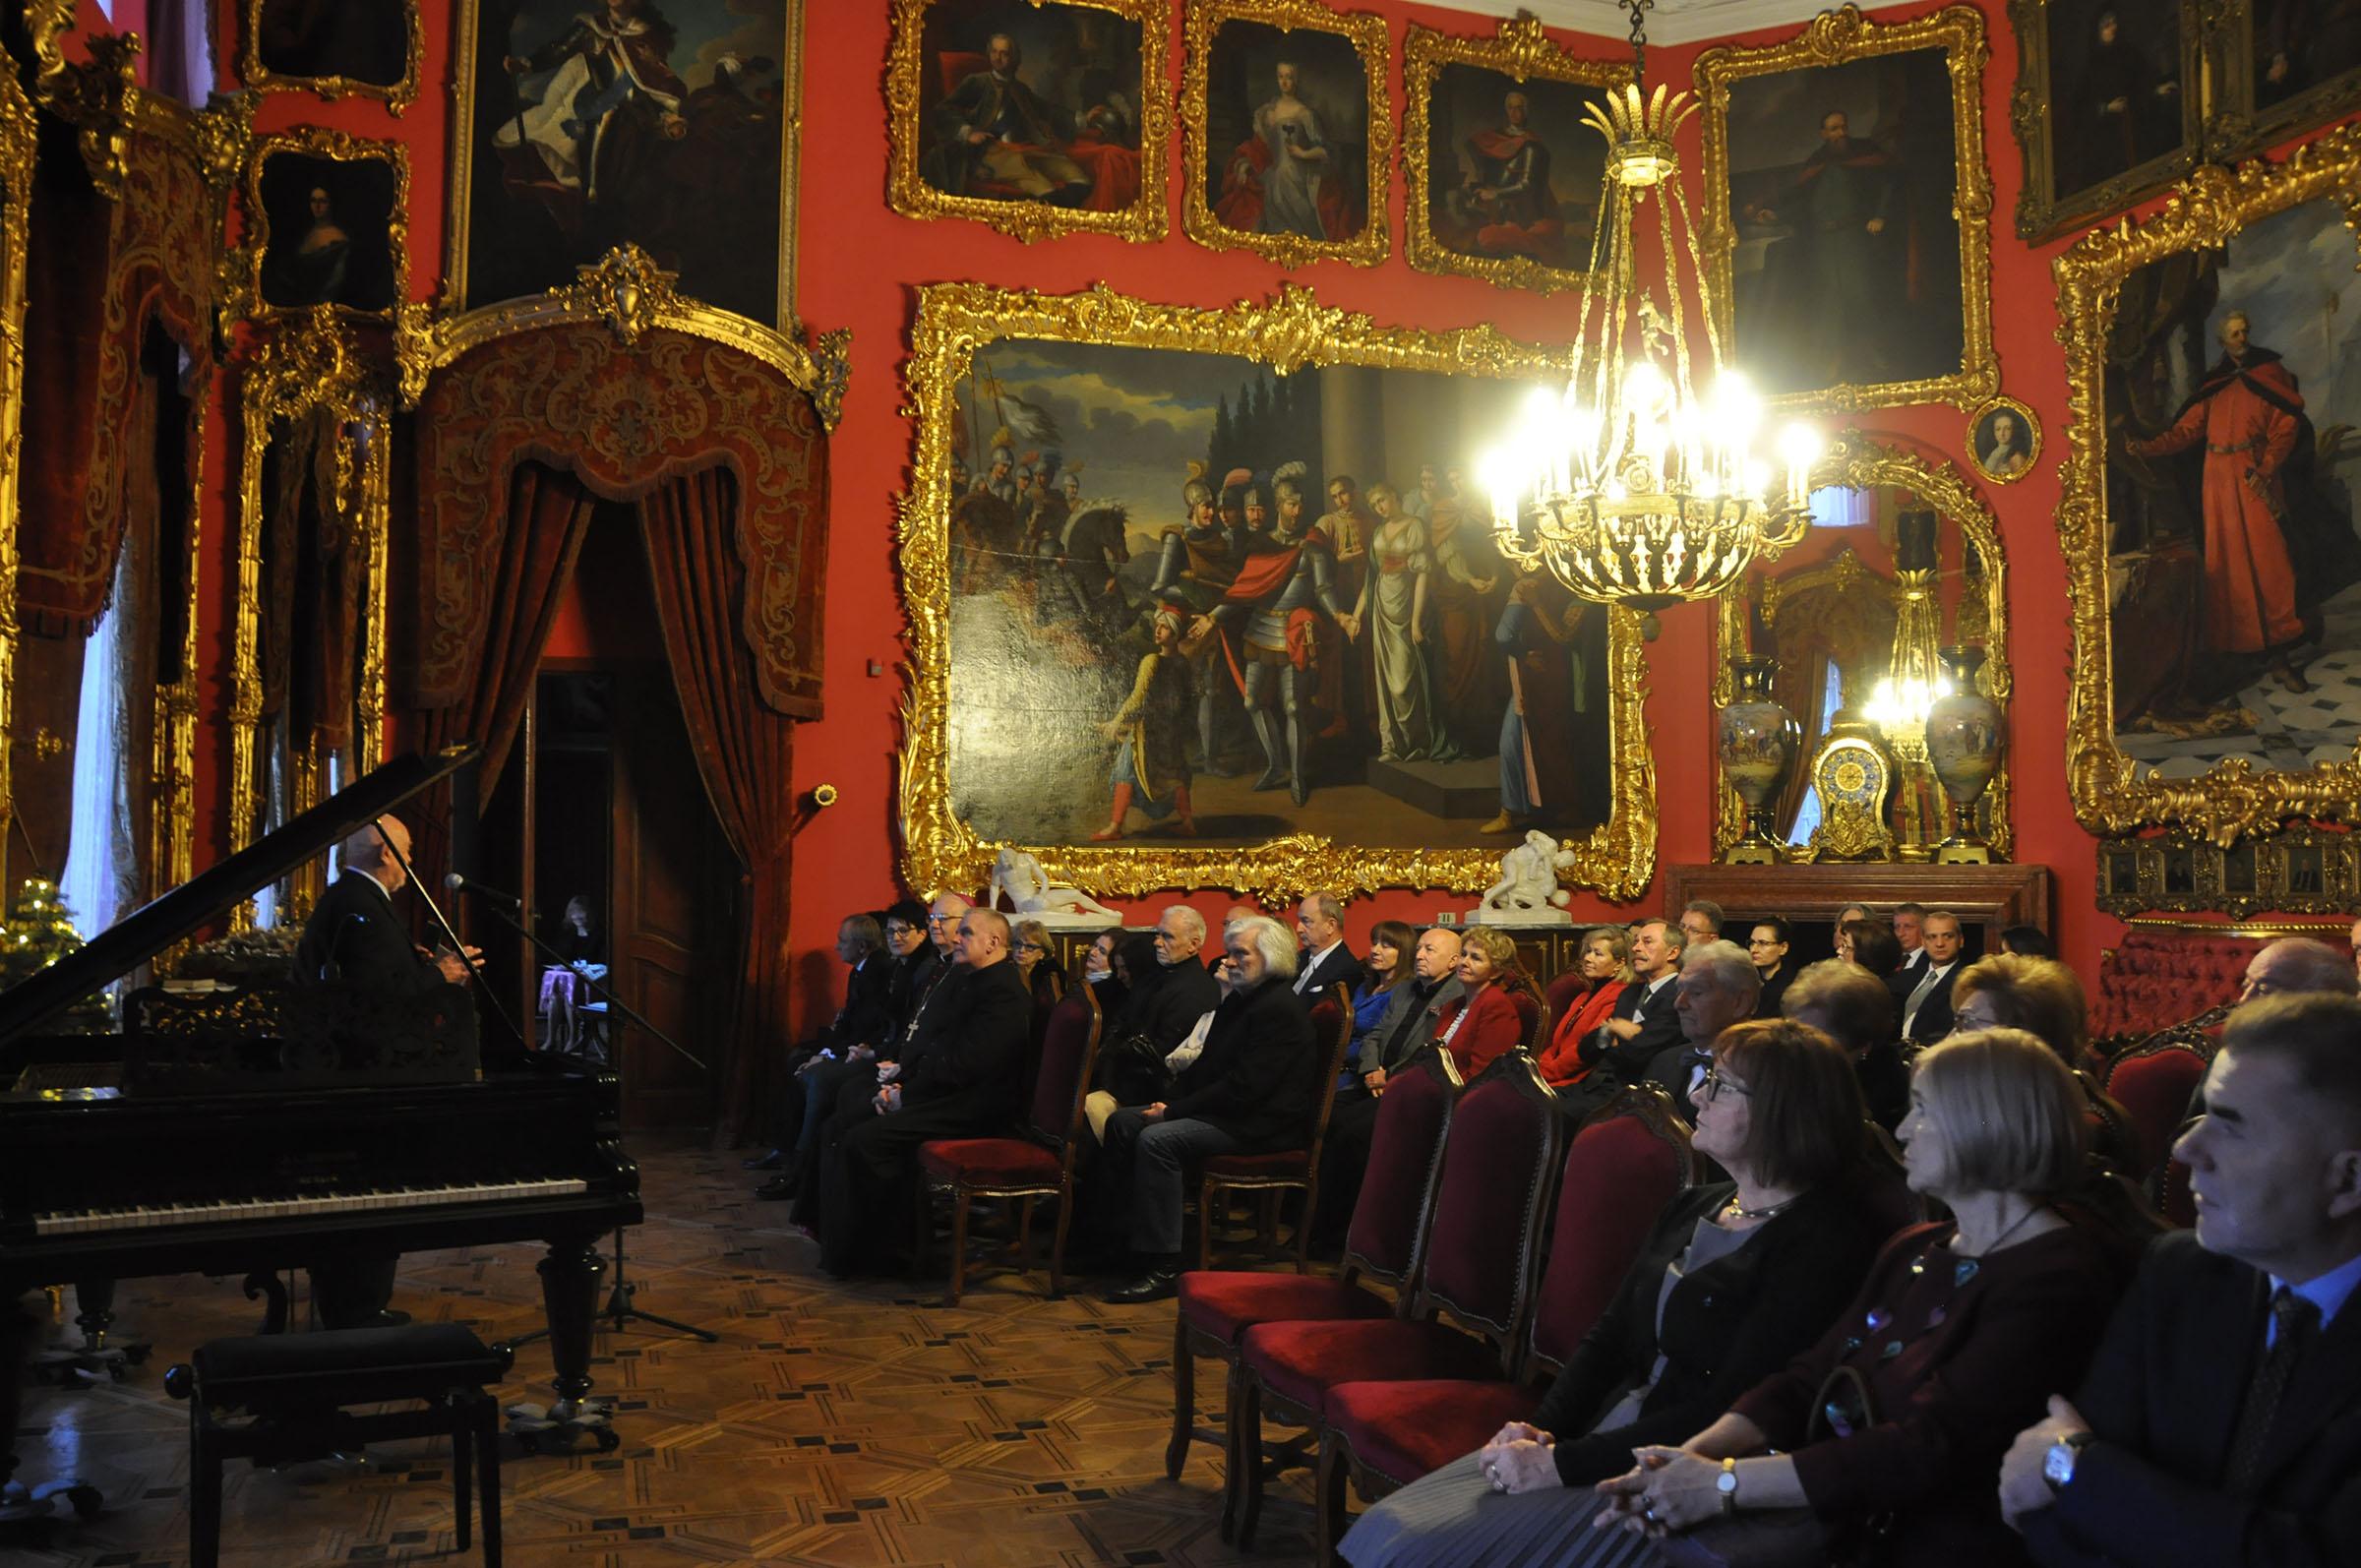 Fotografia. Duże pomieszczenie pomalowane na czerwono, nastrojowo oświetlone. Na ścianach w bogato rzeźbionych i złoconych ramach wiszą w równych odległościach obrazy. Po prawej stronie na obitych bordowym aksamitem krzesłach siedzą zasłuchani ludzie. Po lewej stronie otwarty fortepian a za nim mówiący do mikrofonu starszy mężczyzna.